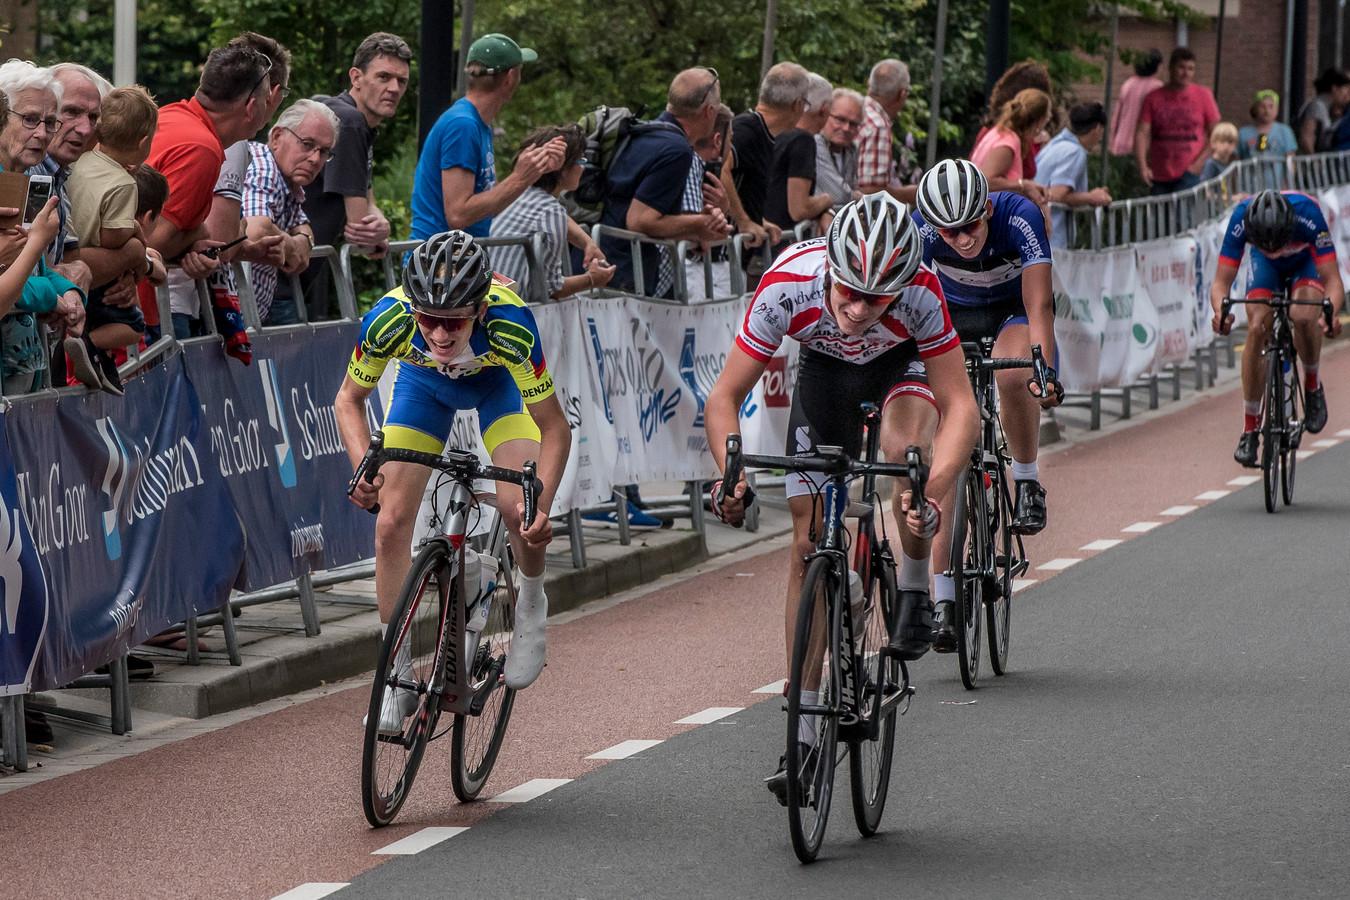 Foto uit het archief: felle strijd richting finish in de Ronde van Twente.